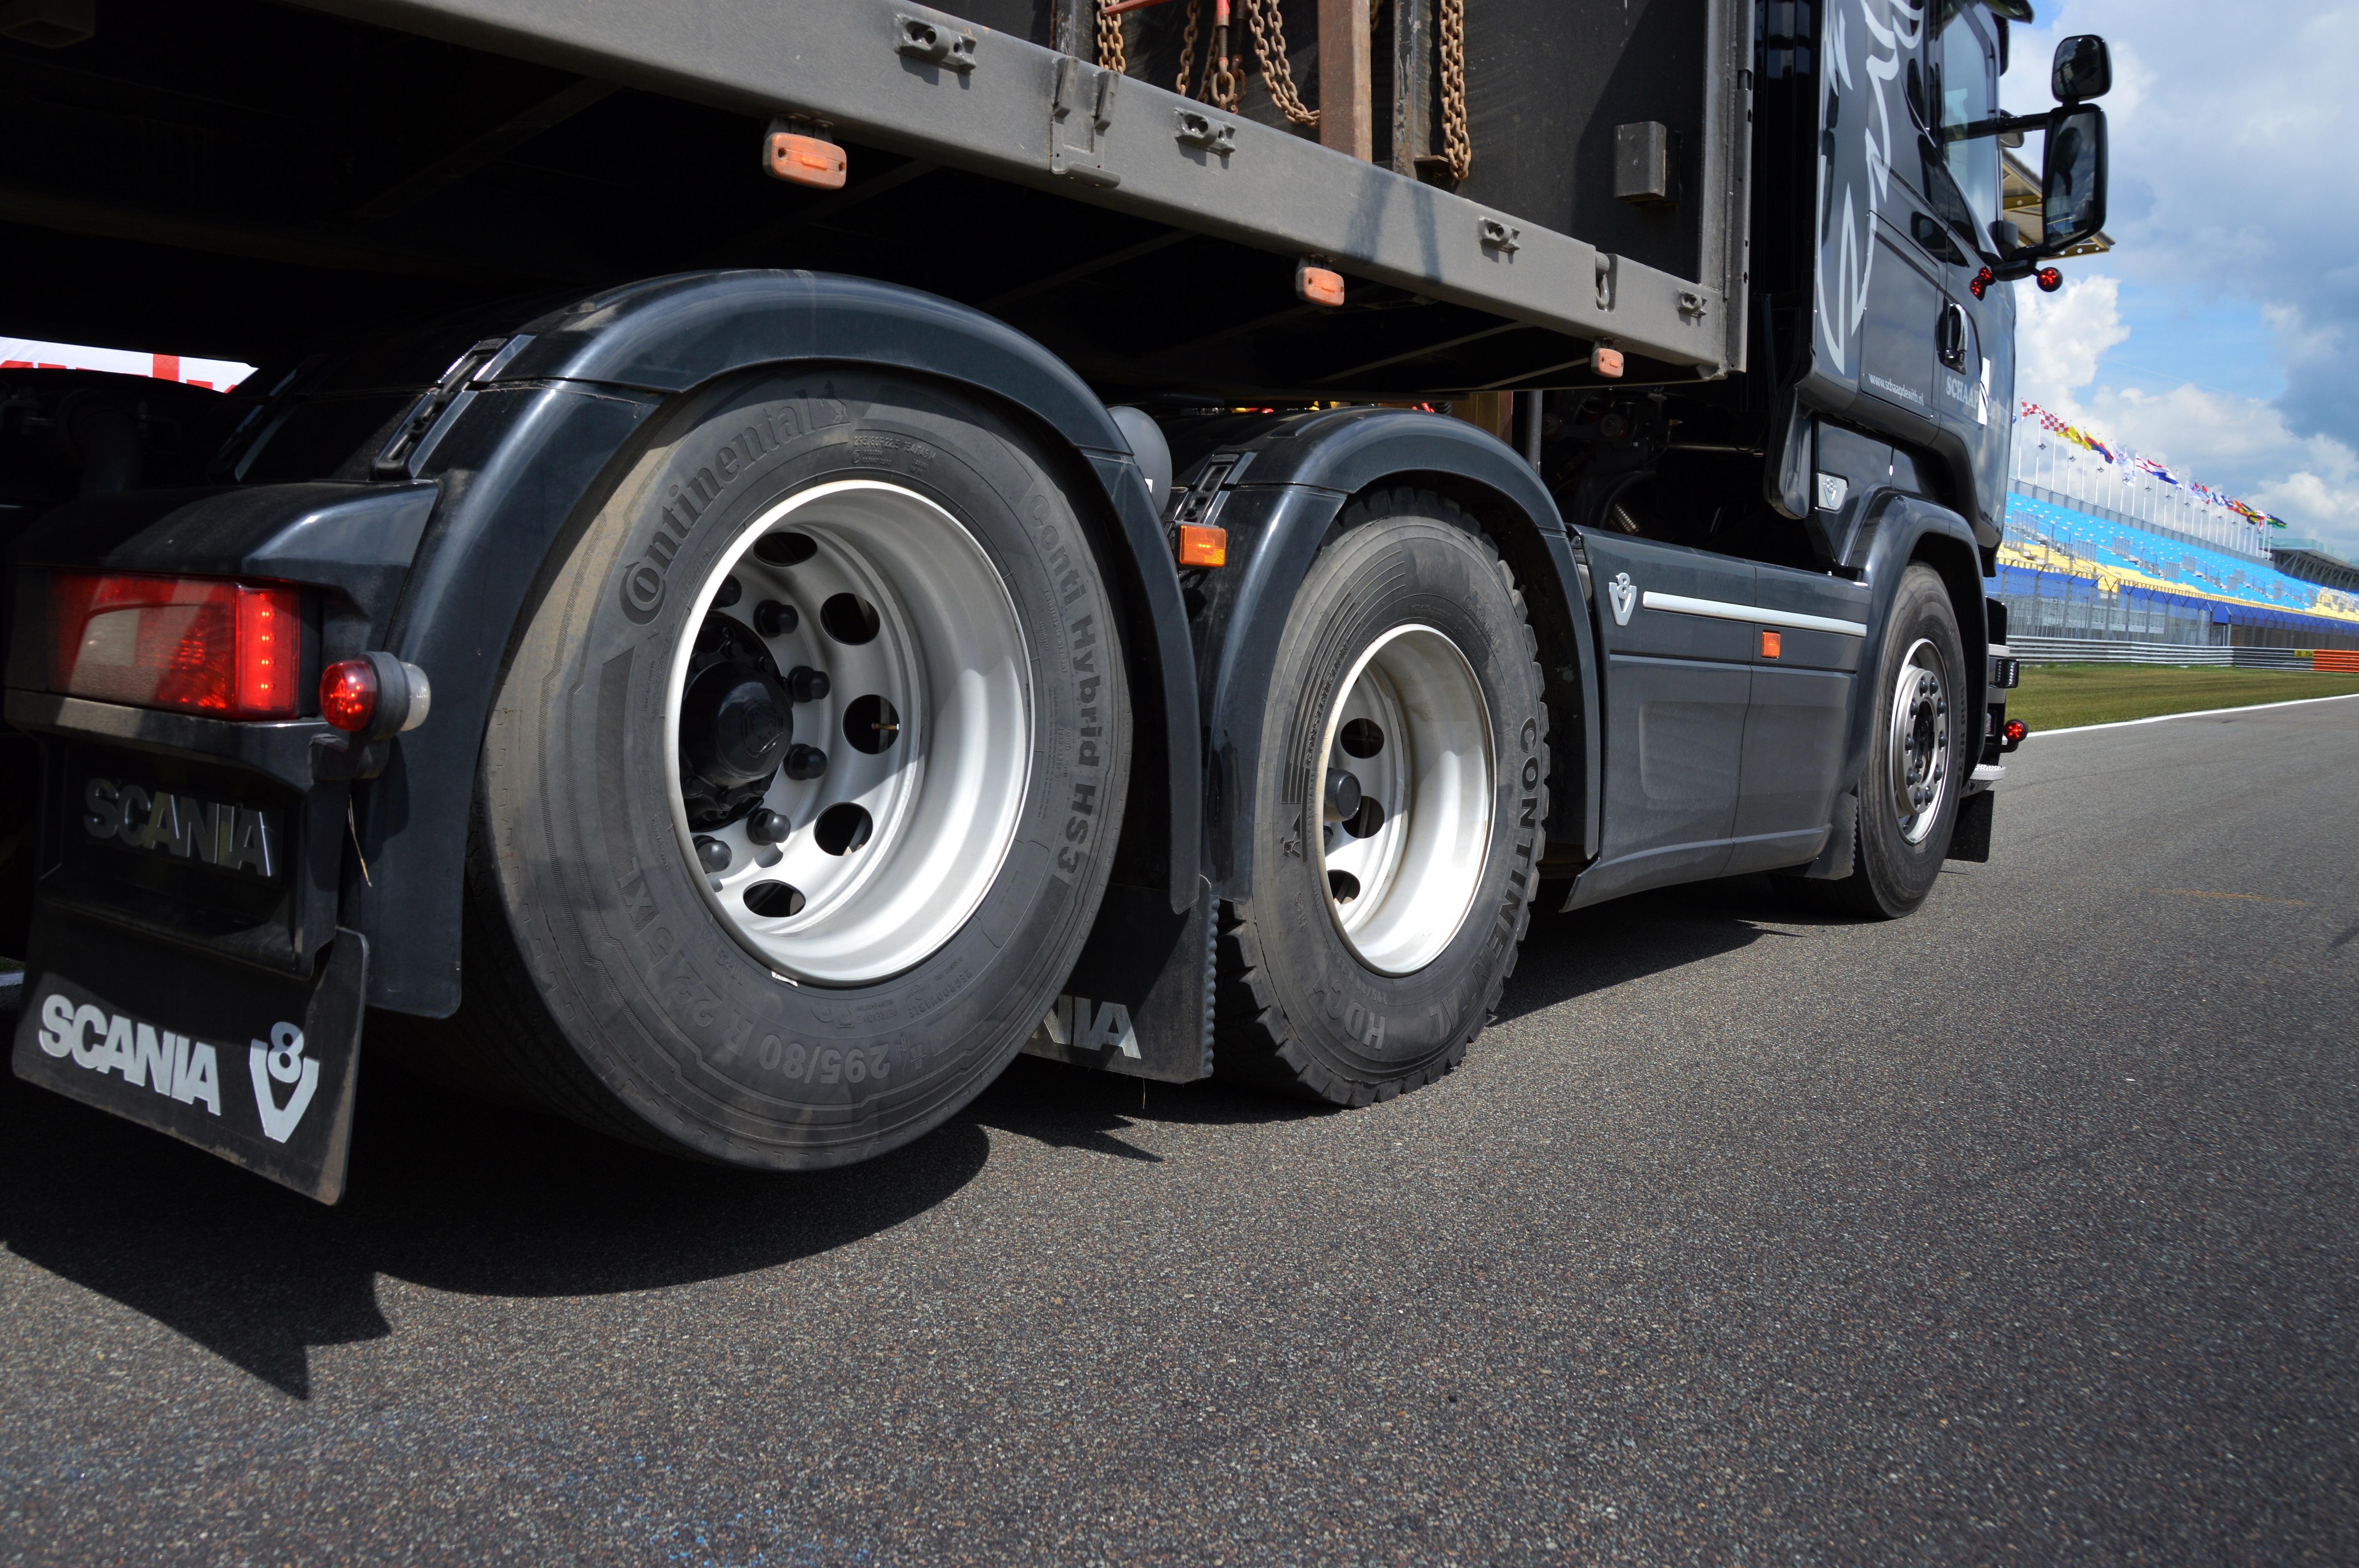 <p>De trucks hebben allemaal een sleepas. In het werk heffen de mannen deze uit. Blijft over een truck met superkorte wielbasis die erg wendbaar is. Een dubbel aangedreven tandem is niet nodig, omdat er altijd over de (eigen) rijplaten gereden wordt. </p>